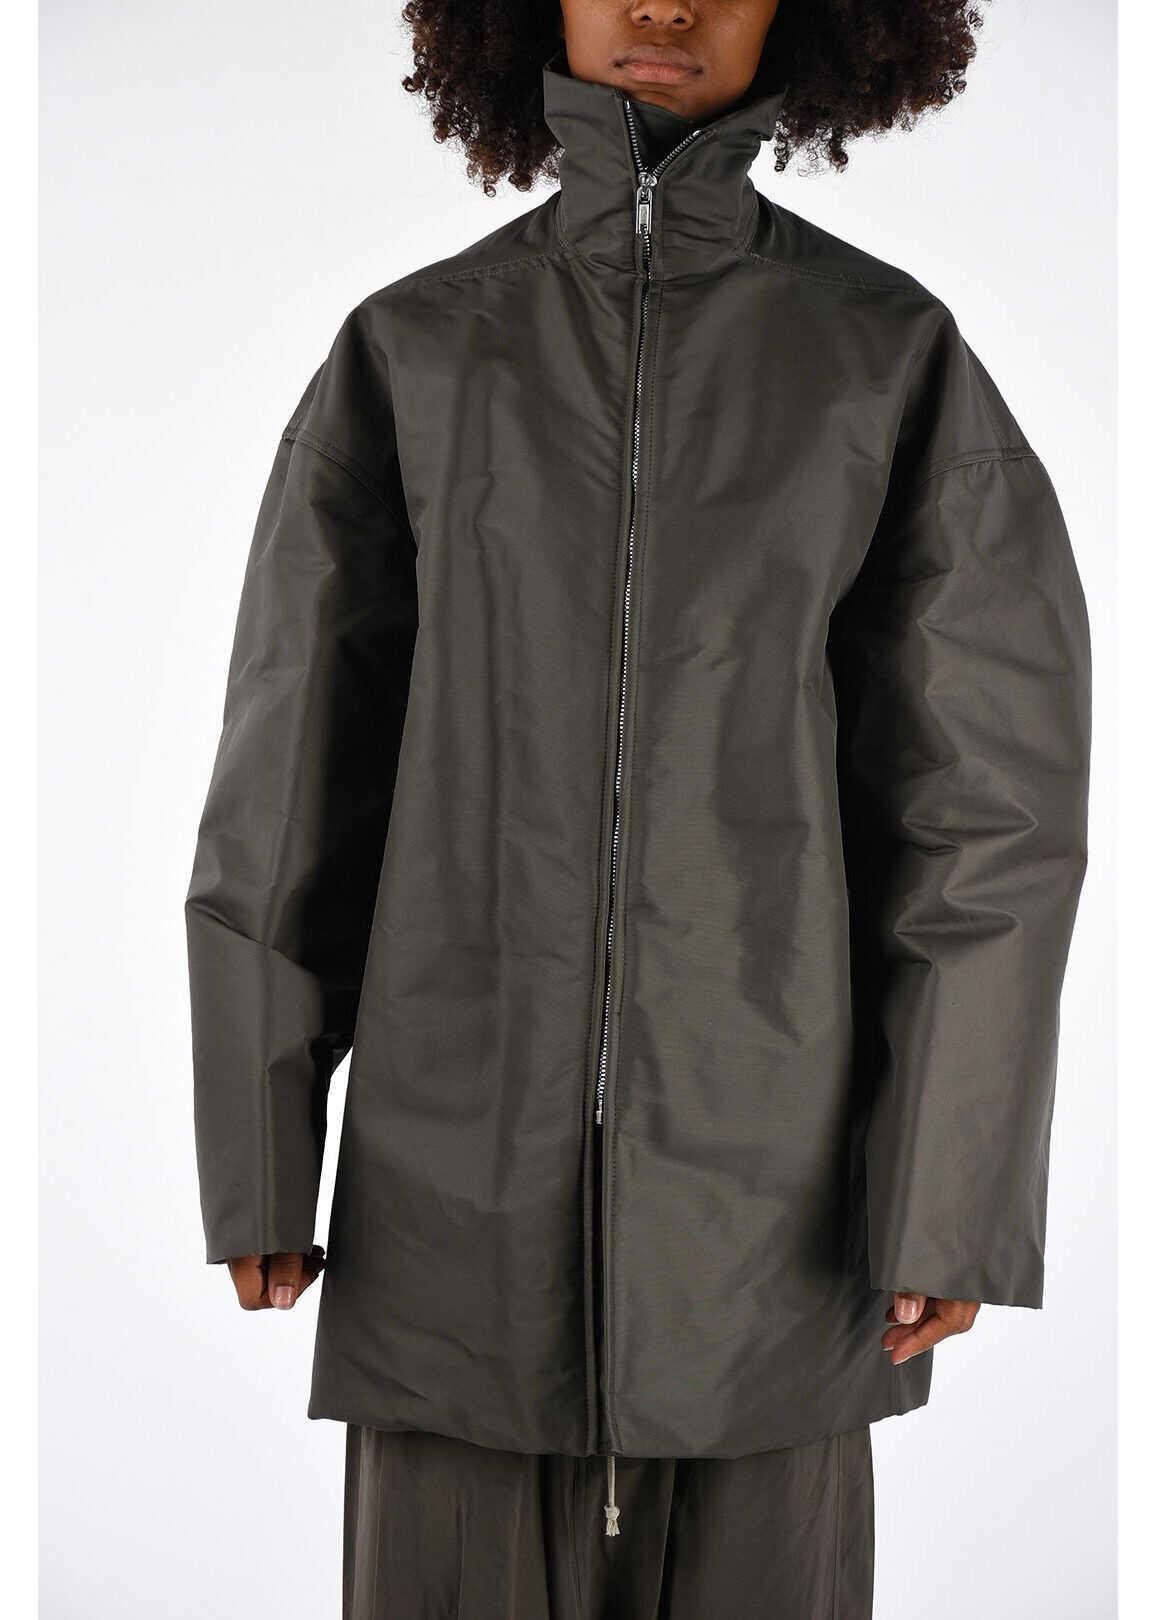 Rick Owens Nylon Cotton JUMBO WIMBREAKER Jacket DARK DUST GRAY